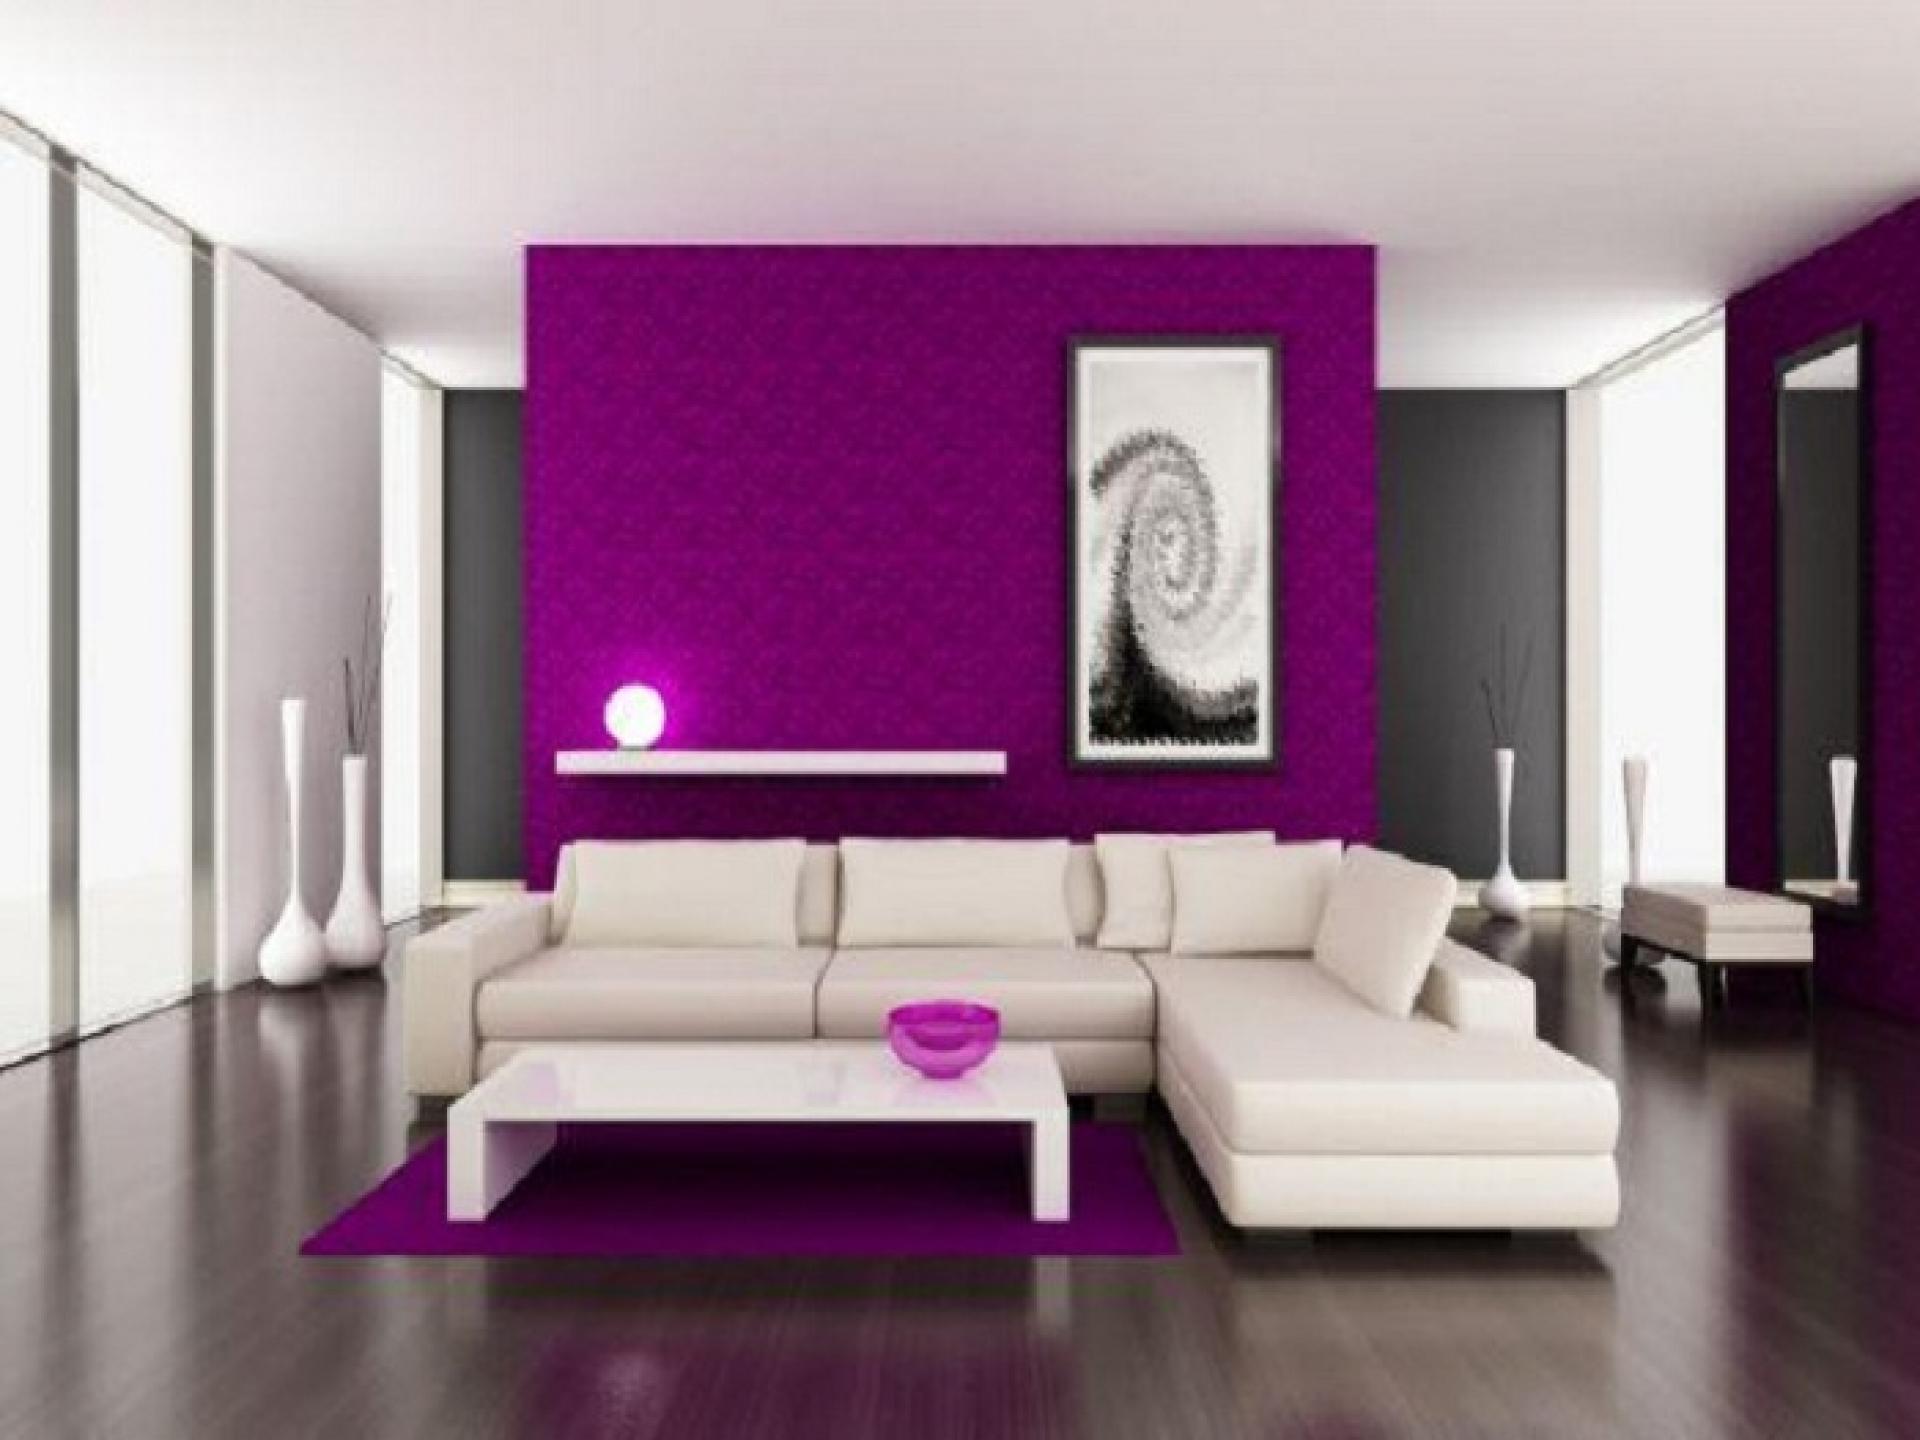 Idea ruang tamu ungu dengan gabungan perabot moden putih menjadikan ruang lebih eksklusif